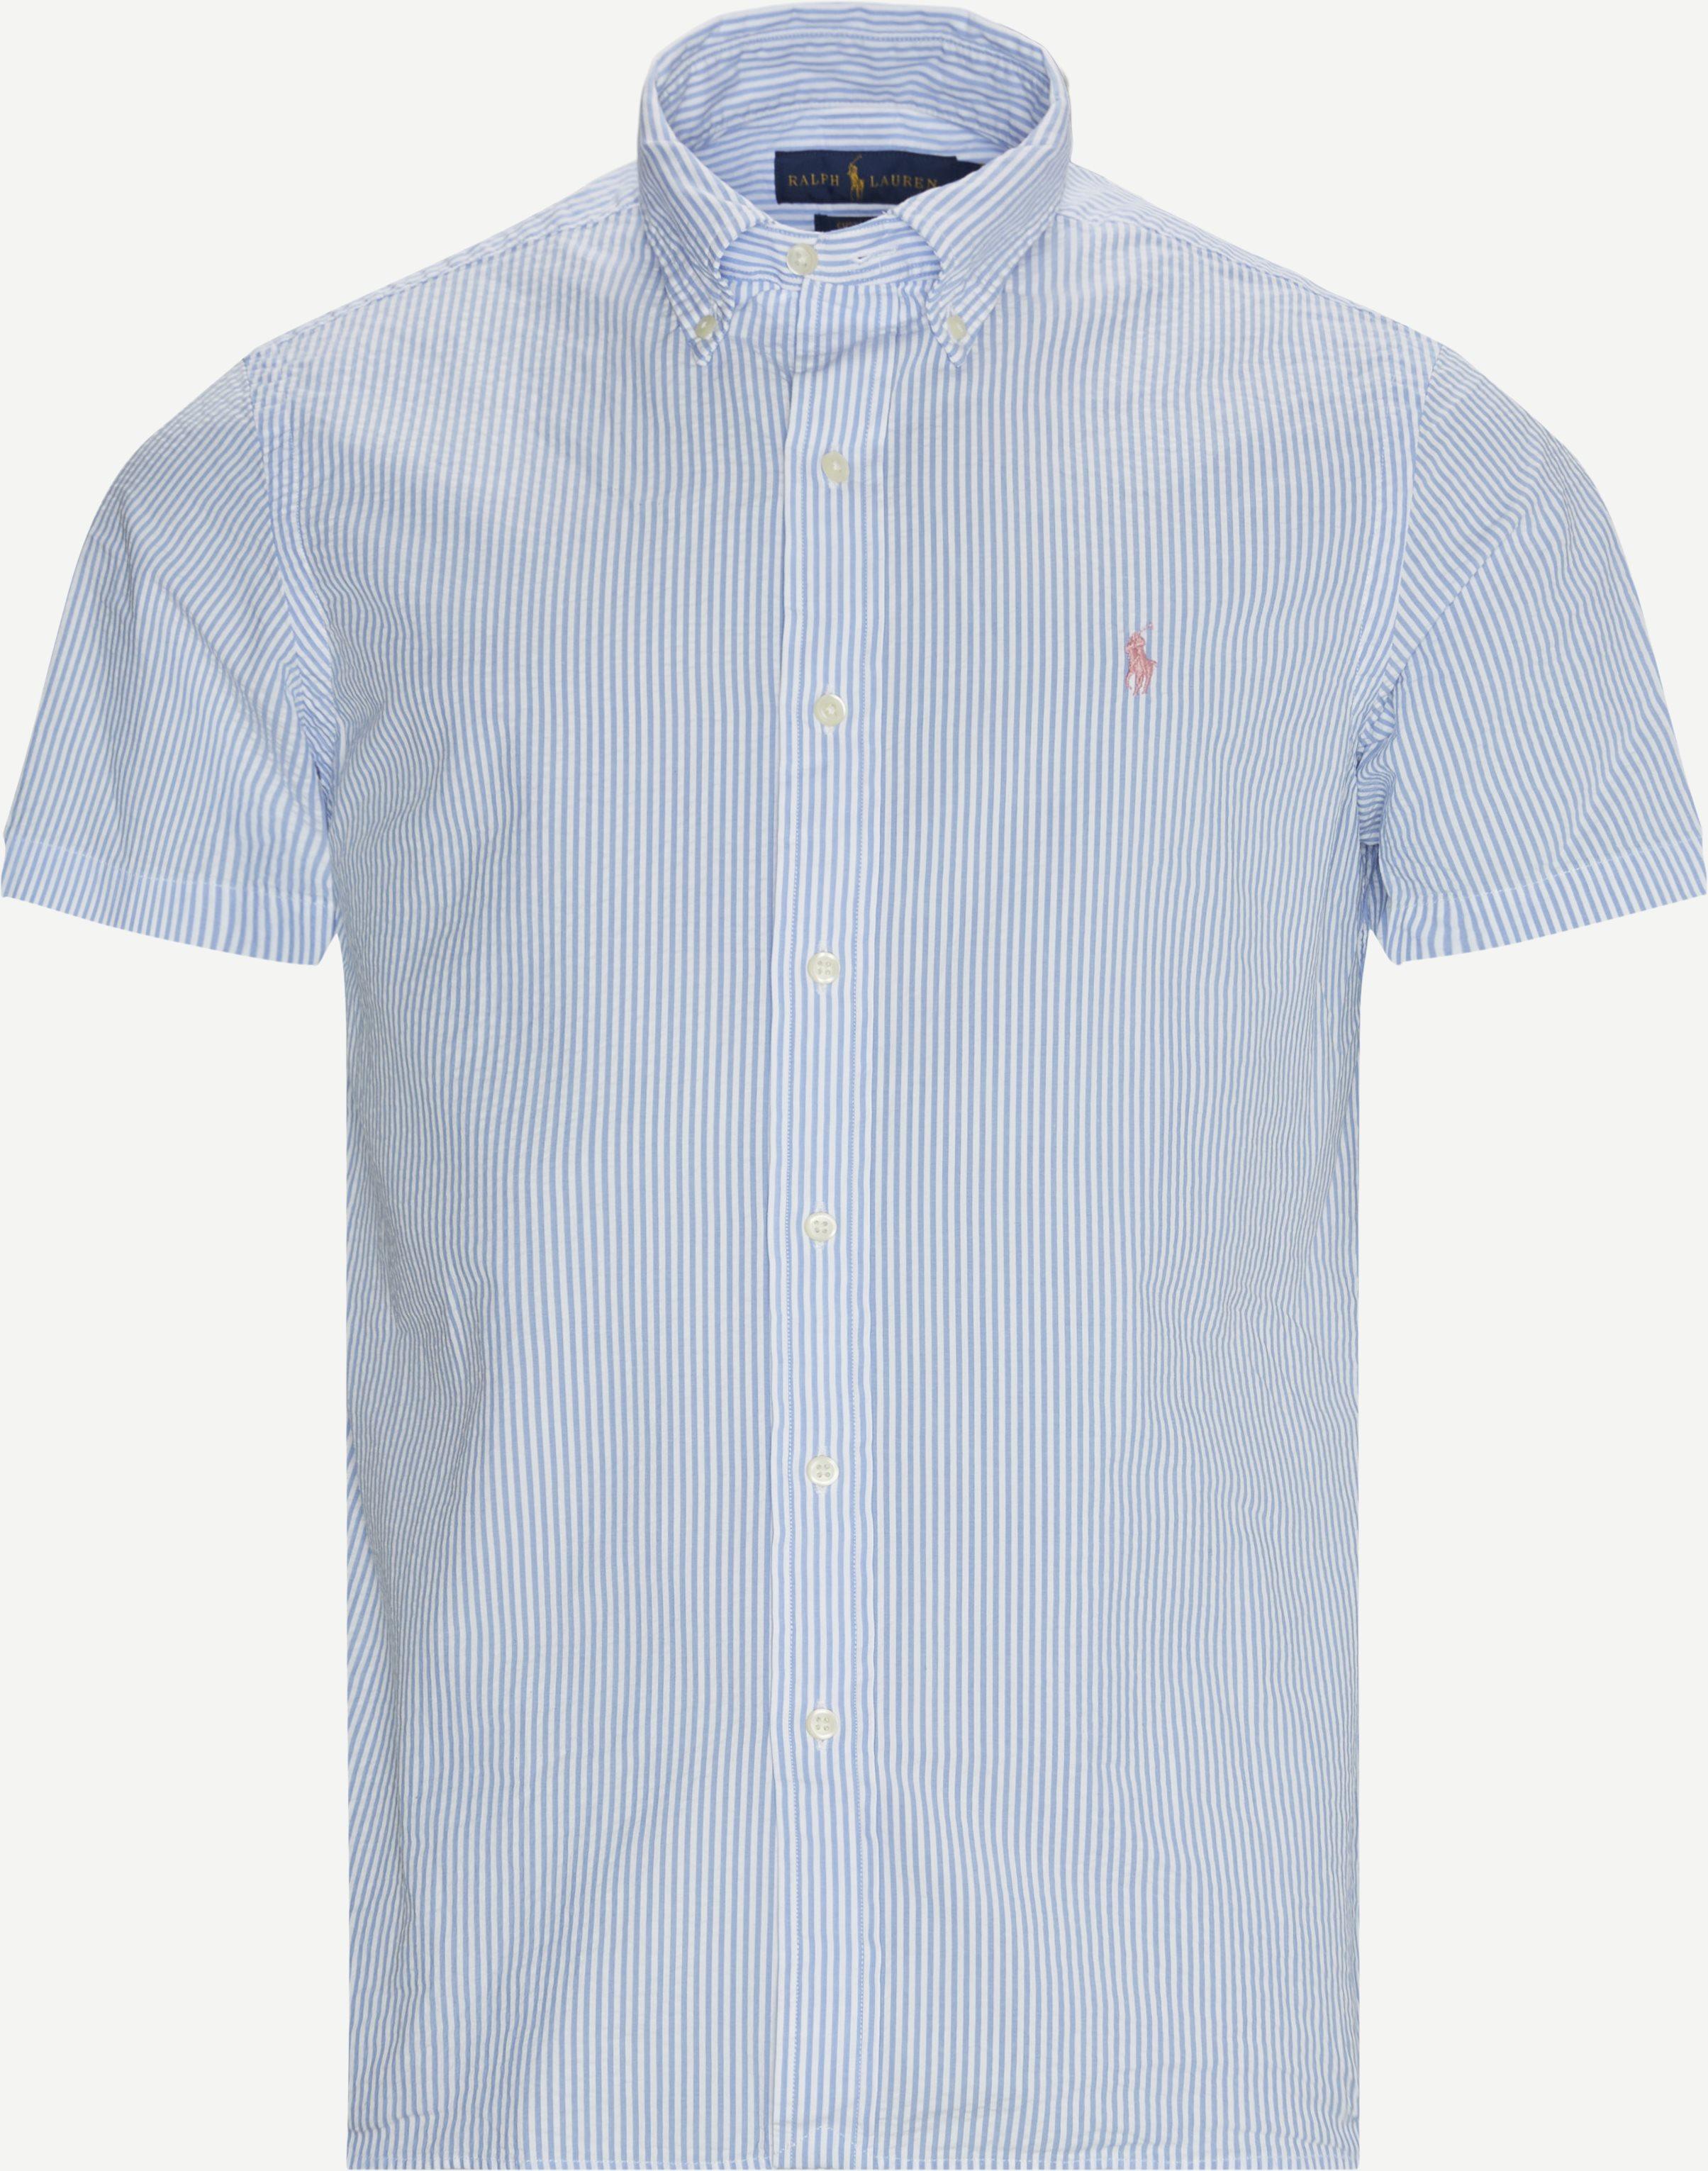 Kurzärmlige Hemden - Custom fit - Blau